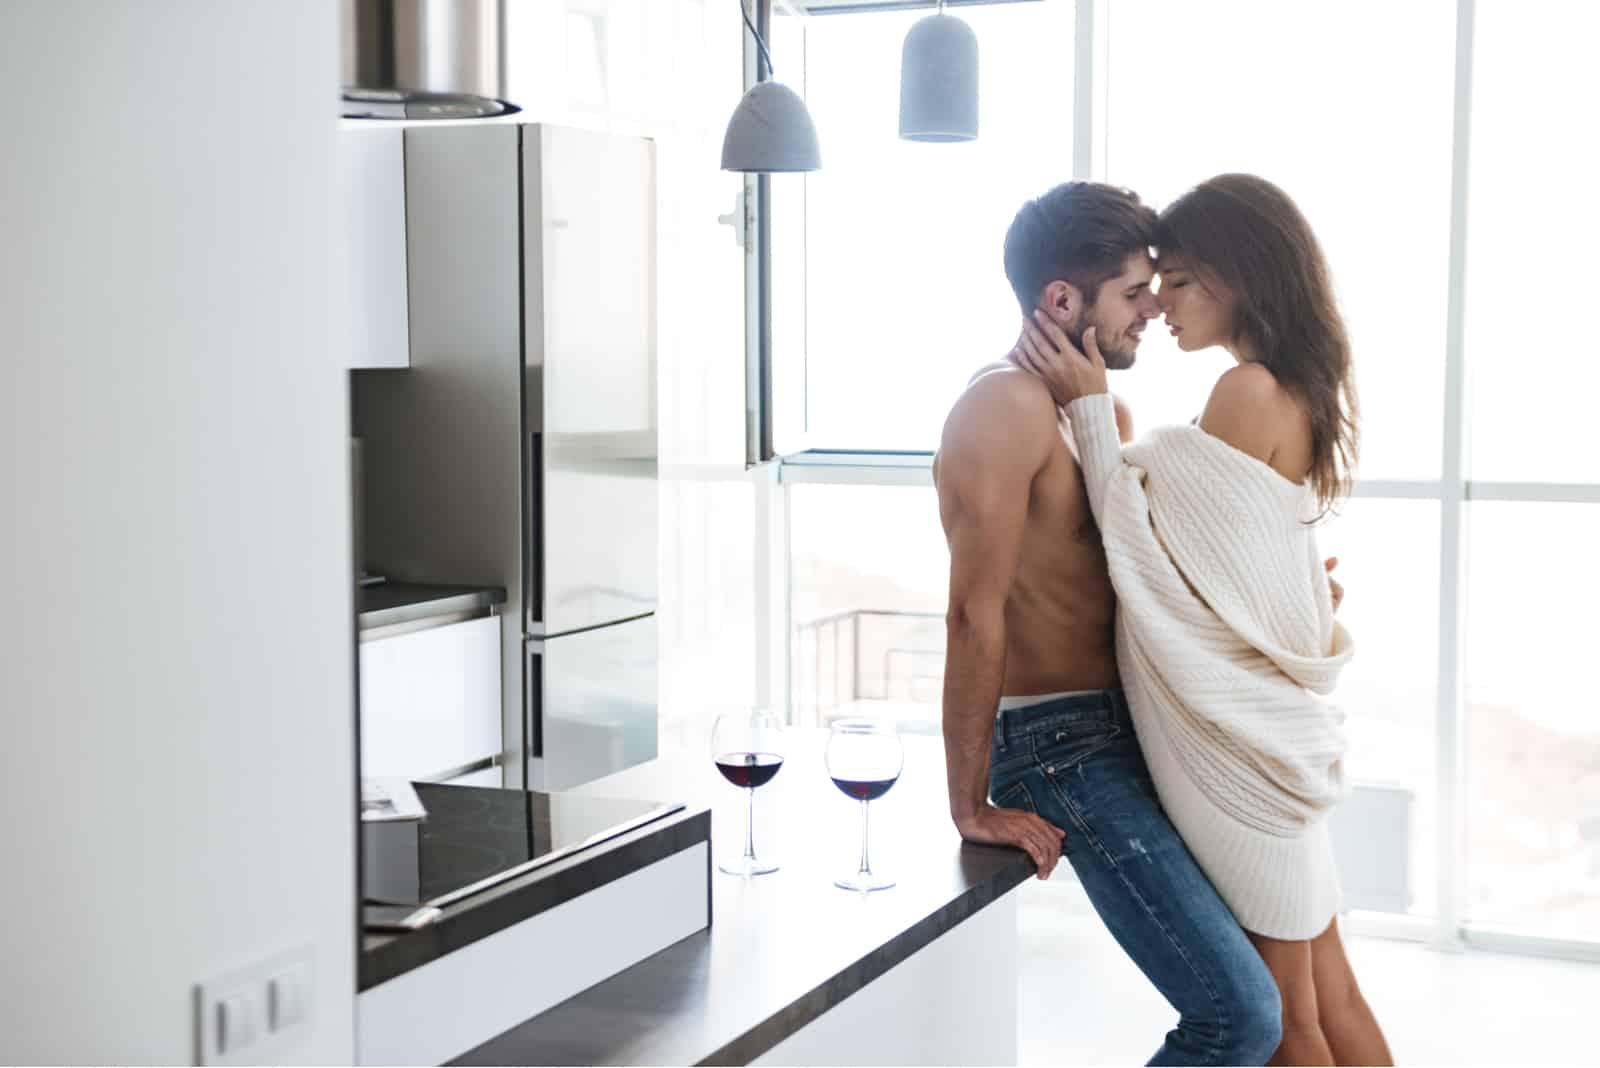 une femme à moitié nue étreint un homme dans la cuisine